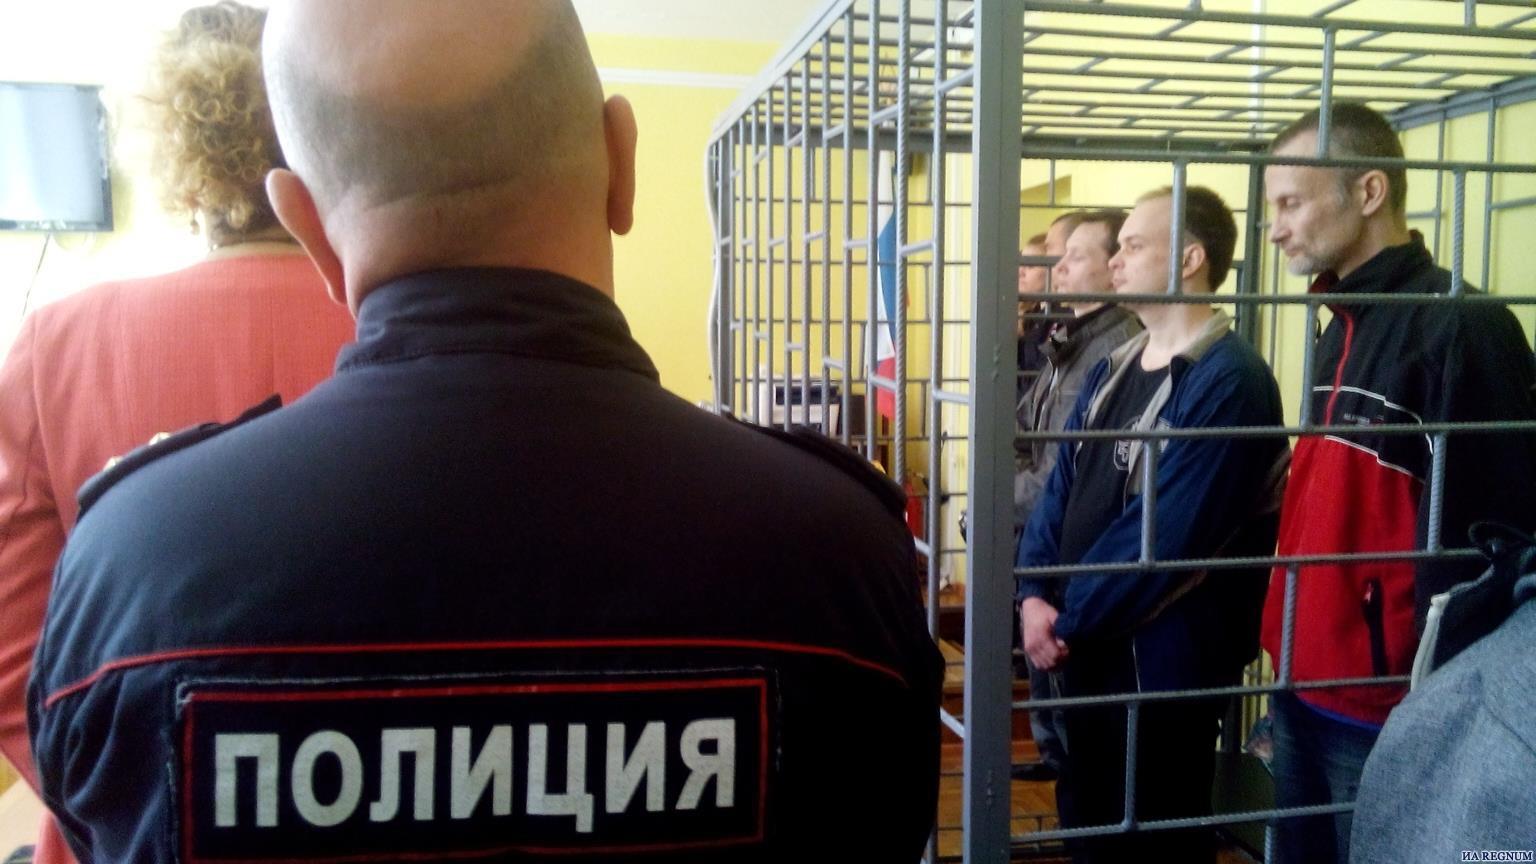 Подсудимые Саввин, Фонарёв и Фельдман слушают приговор. Фото: regnum.ru.